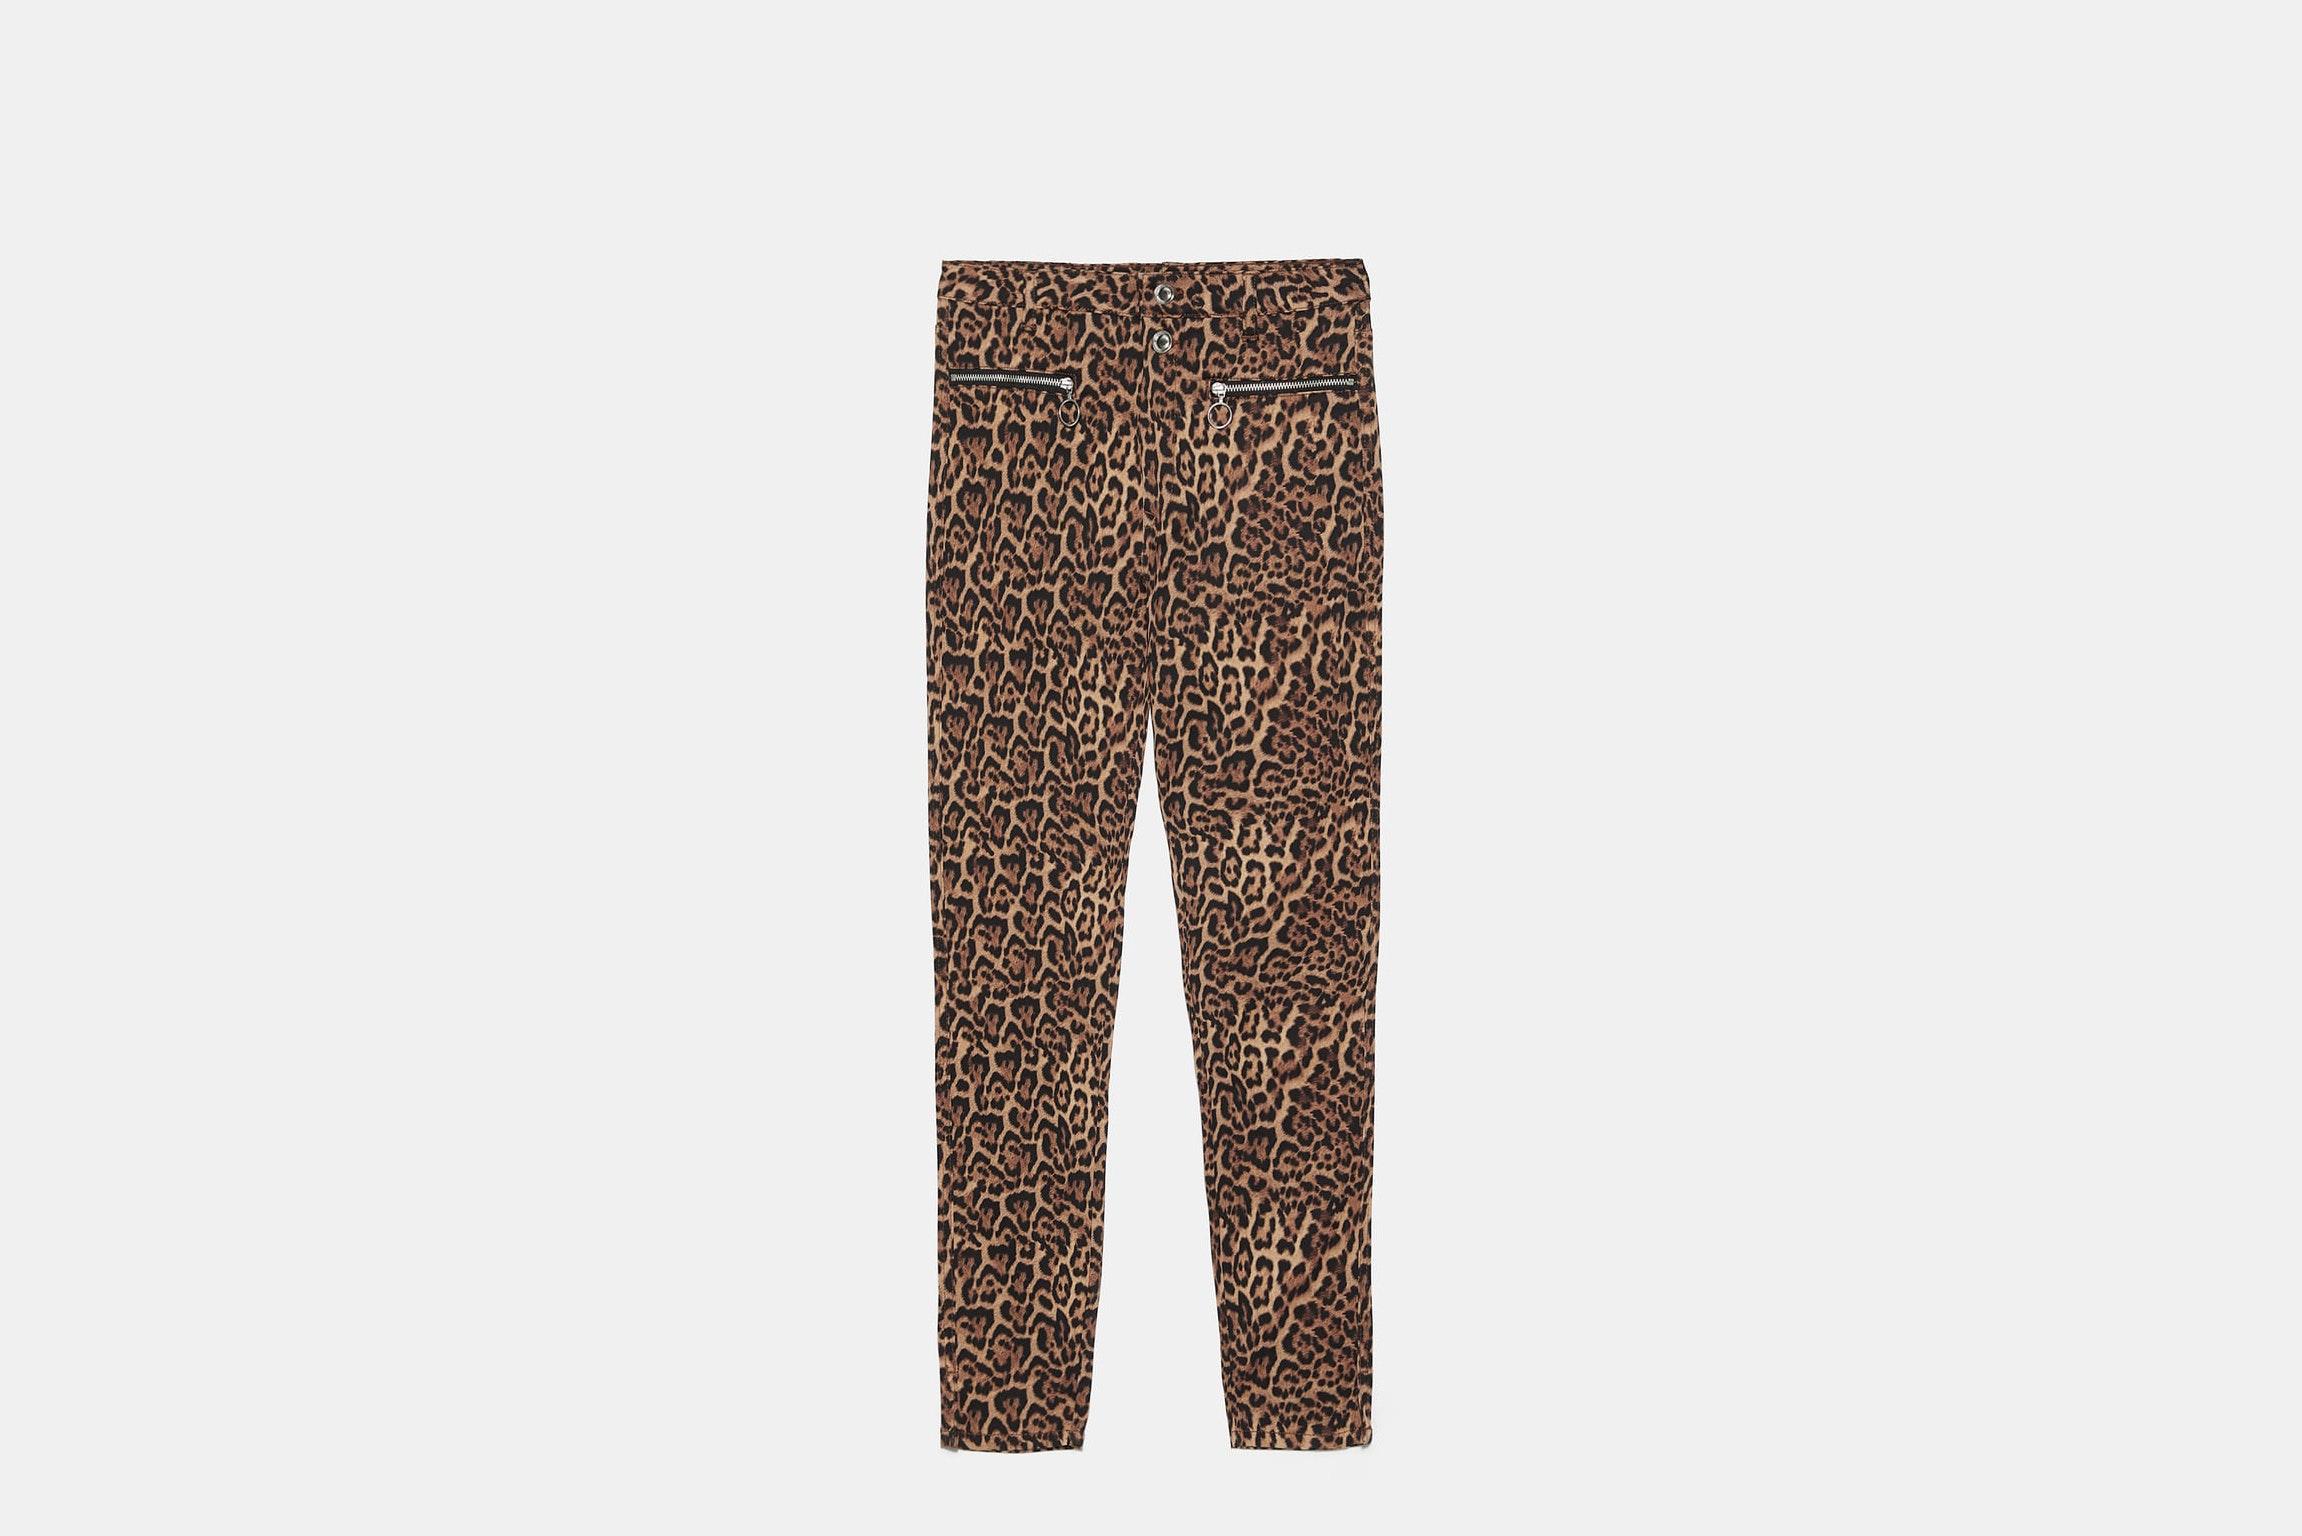 pantalon animal print zara el estilo de Mary Lawless Lee